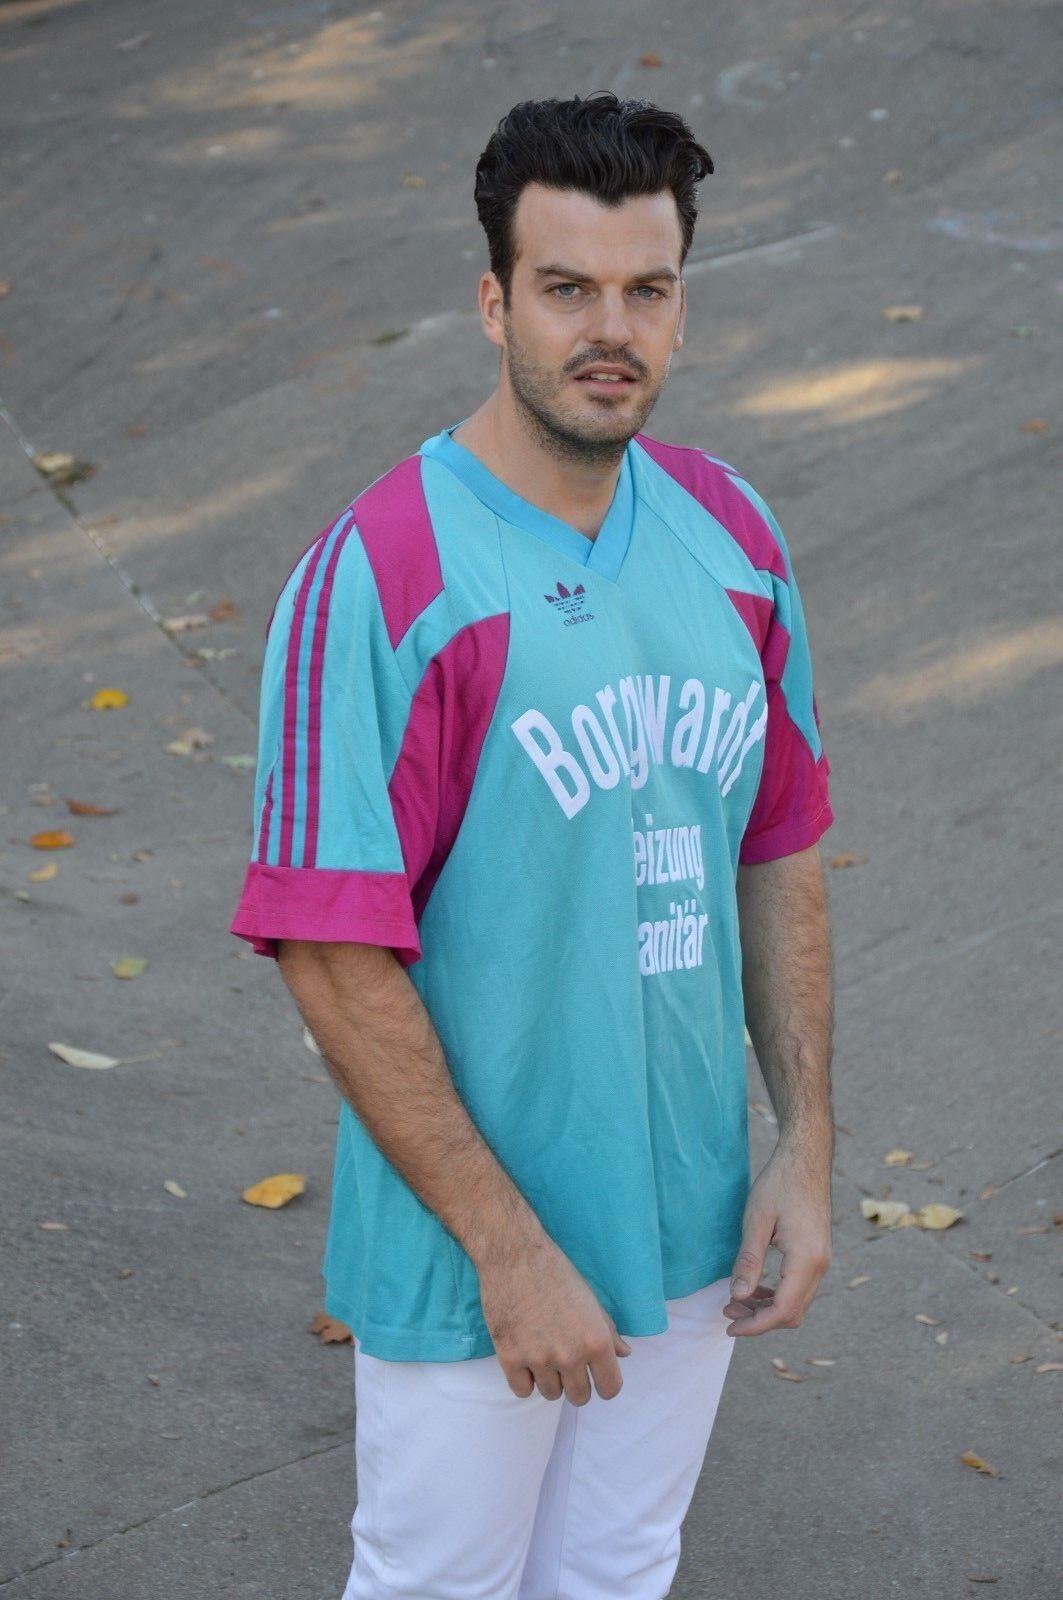 Adidas Trikot Fußball Spielerhemd made inYugoslavia sport shirt TRUE VINTAGE 90s  | Elegant Und Würdevoll